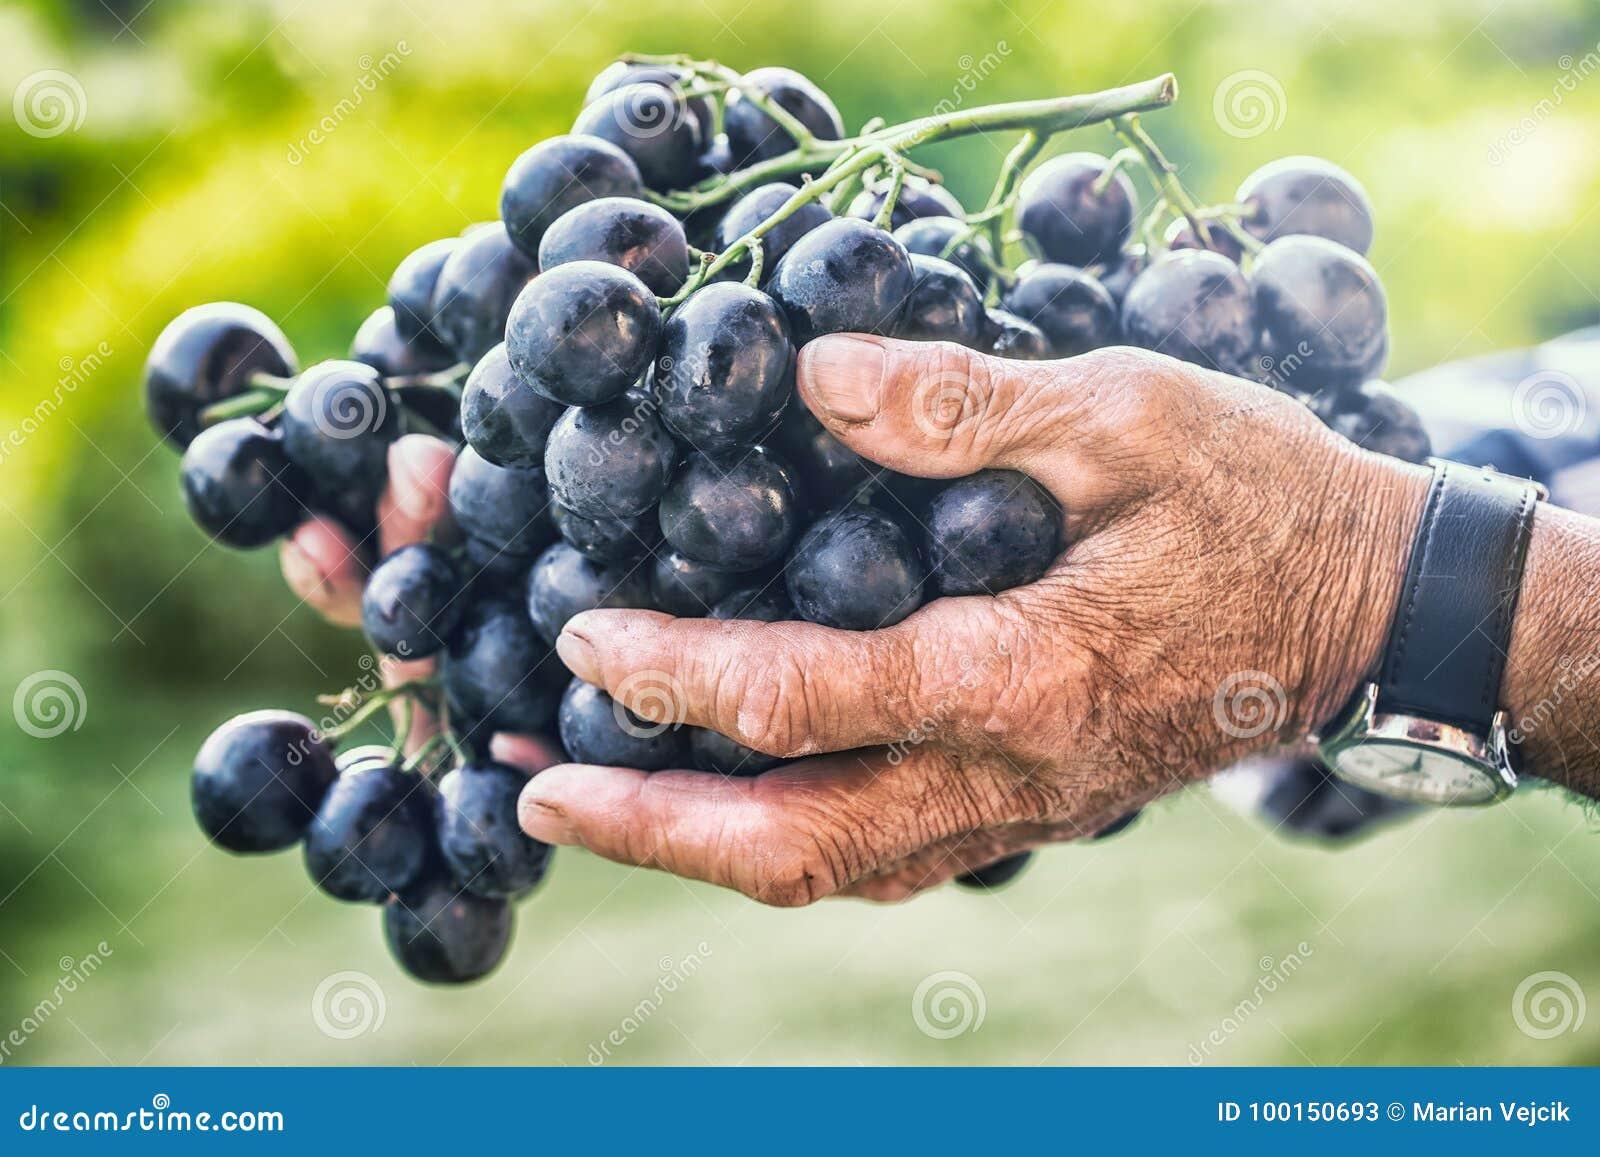 Druiven het oogsten De zwarte of blauwe in hand oude hogere landbouwer van bosdruiven